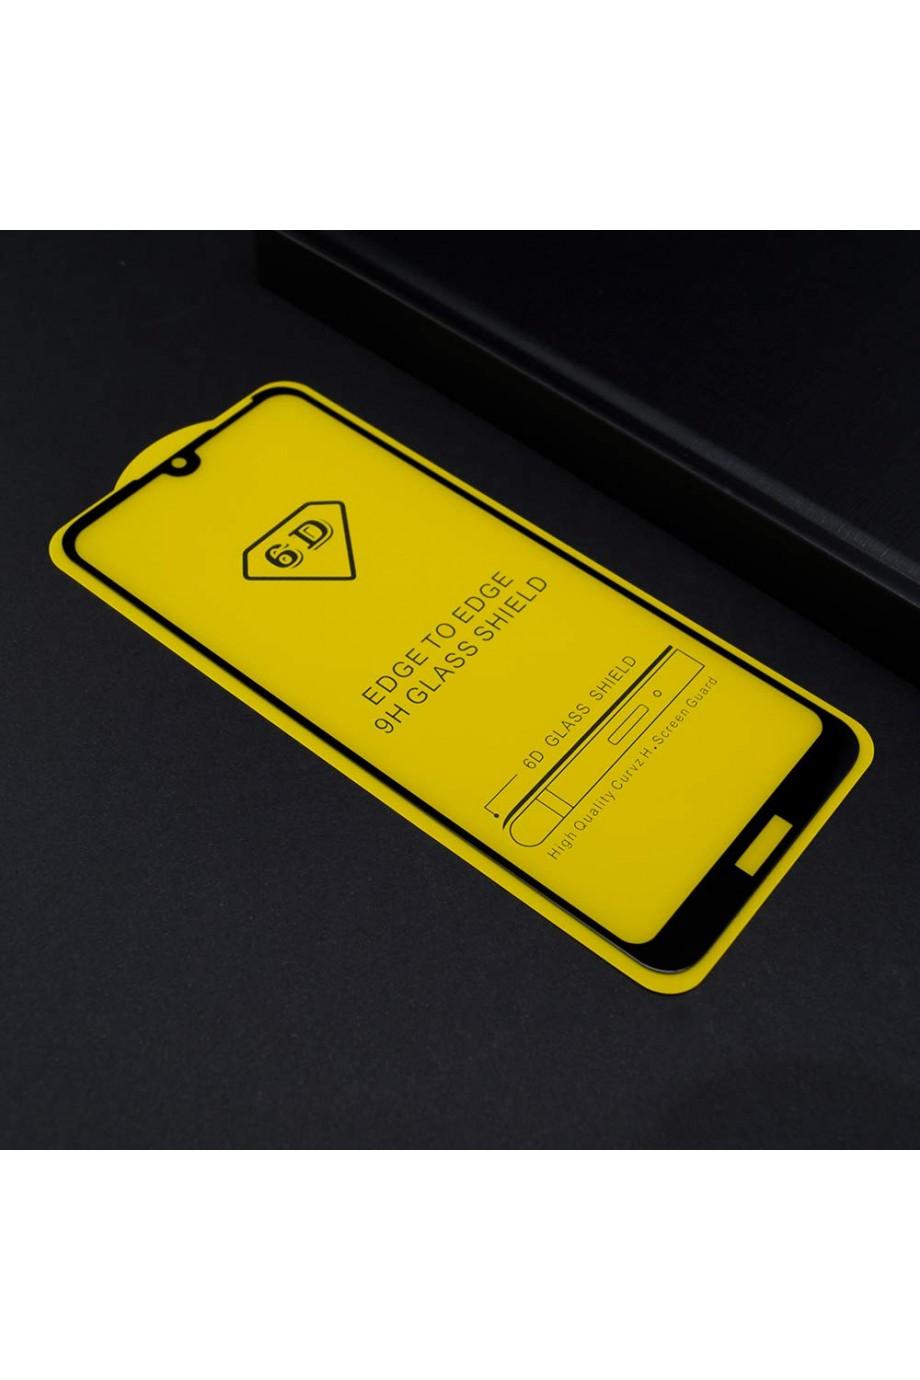 Защитное стекло 6D Mikomo для Huawei Y6 2019, черная рамка, полный клей